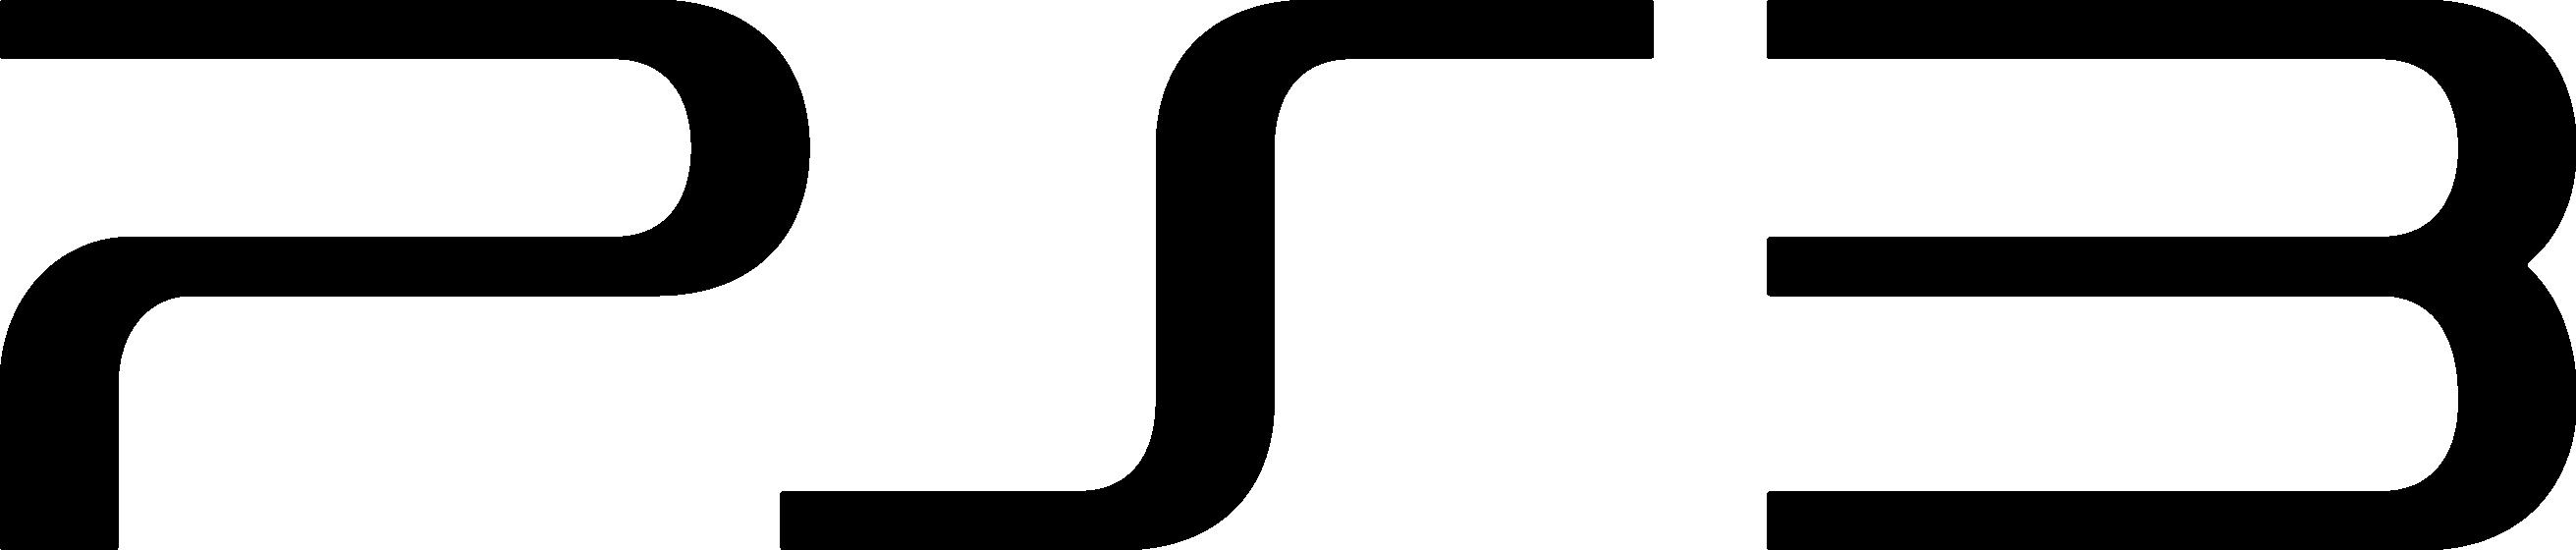 PS3 Logo   PlayStation 3 png